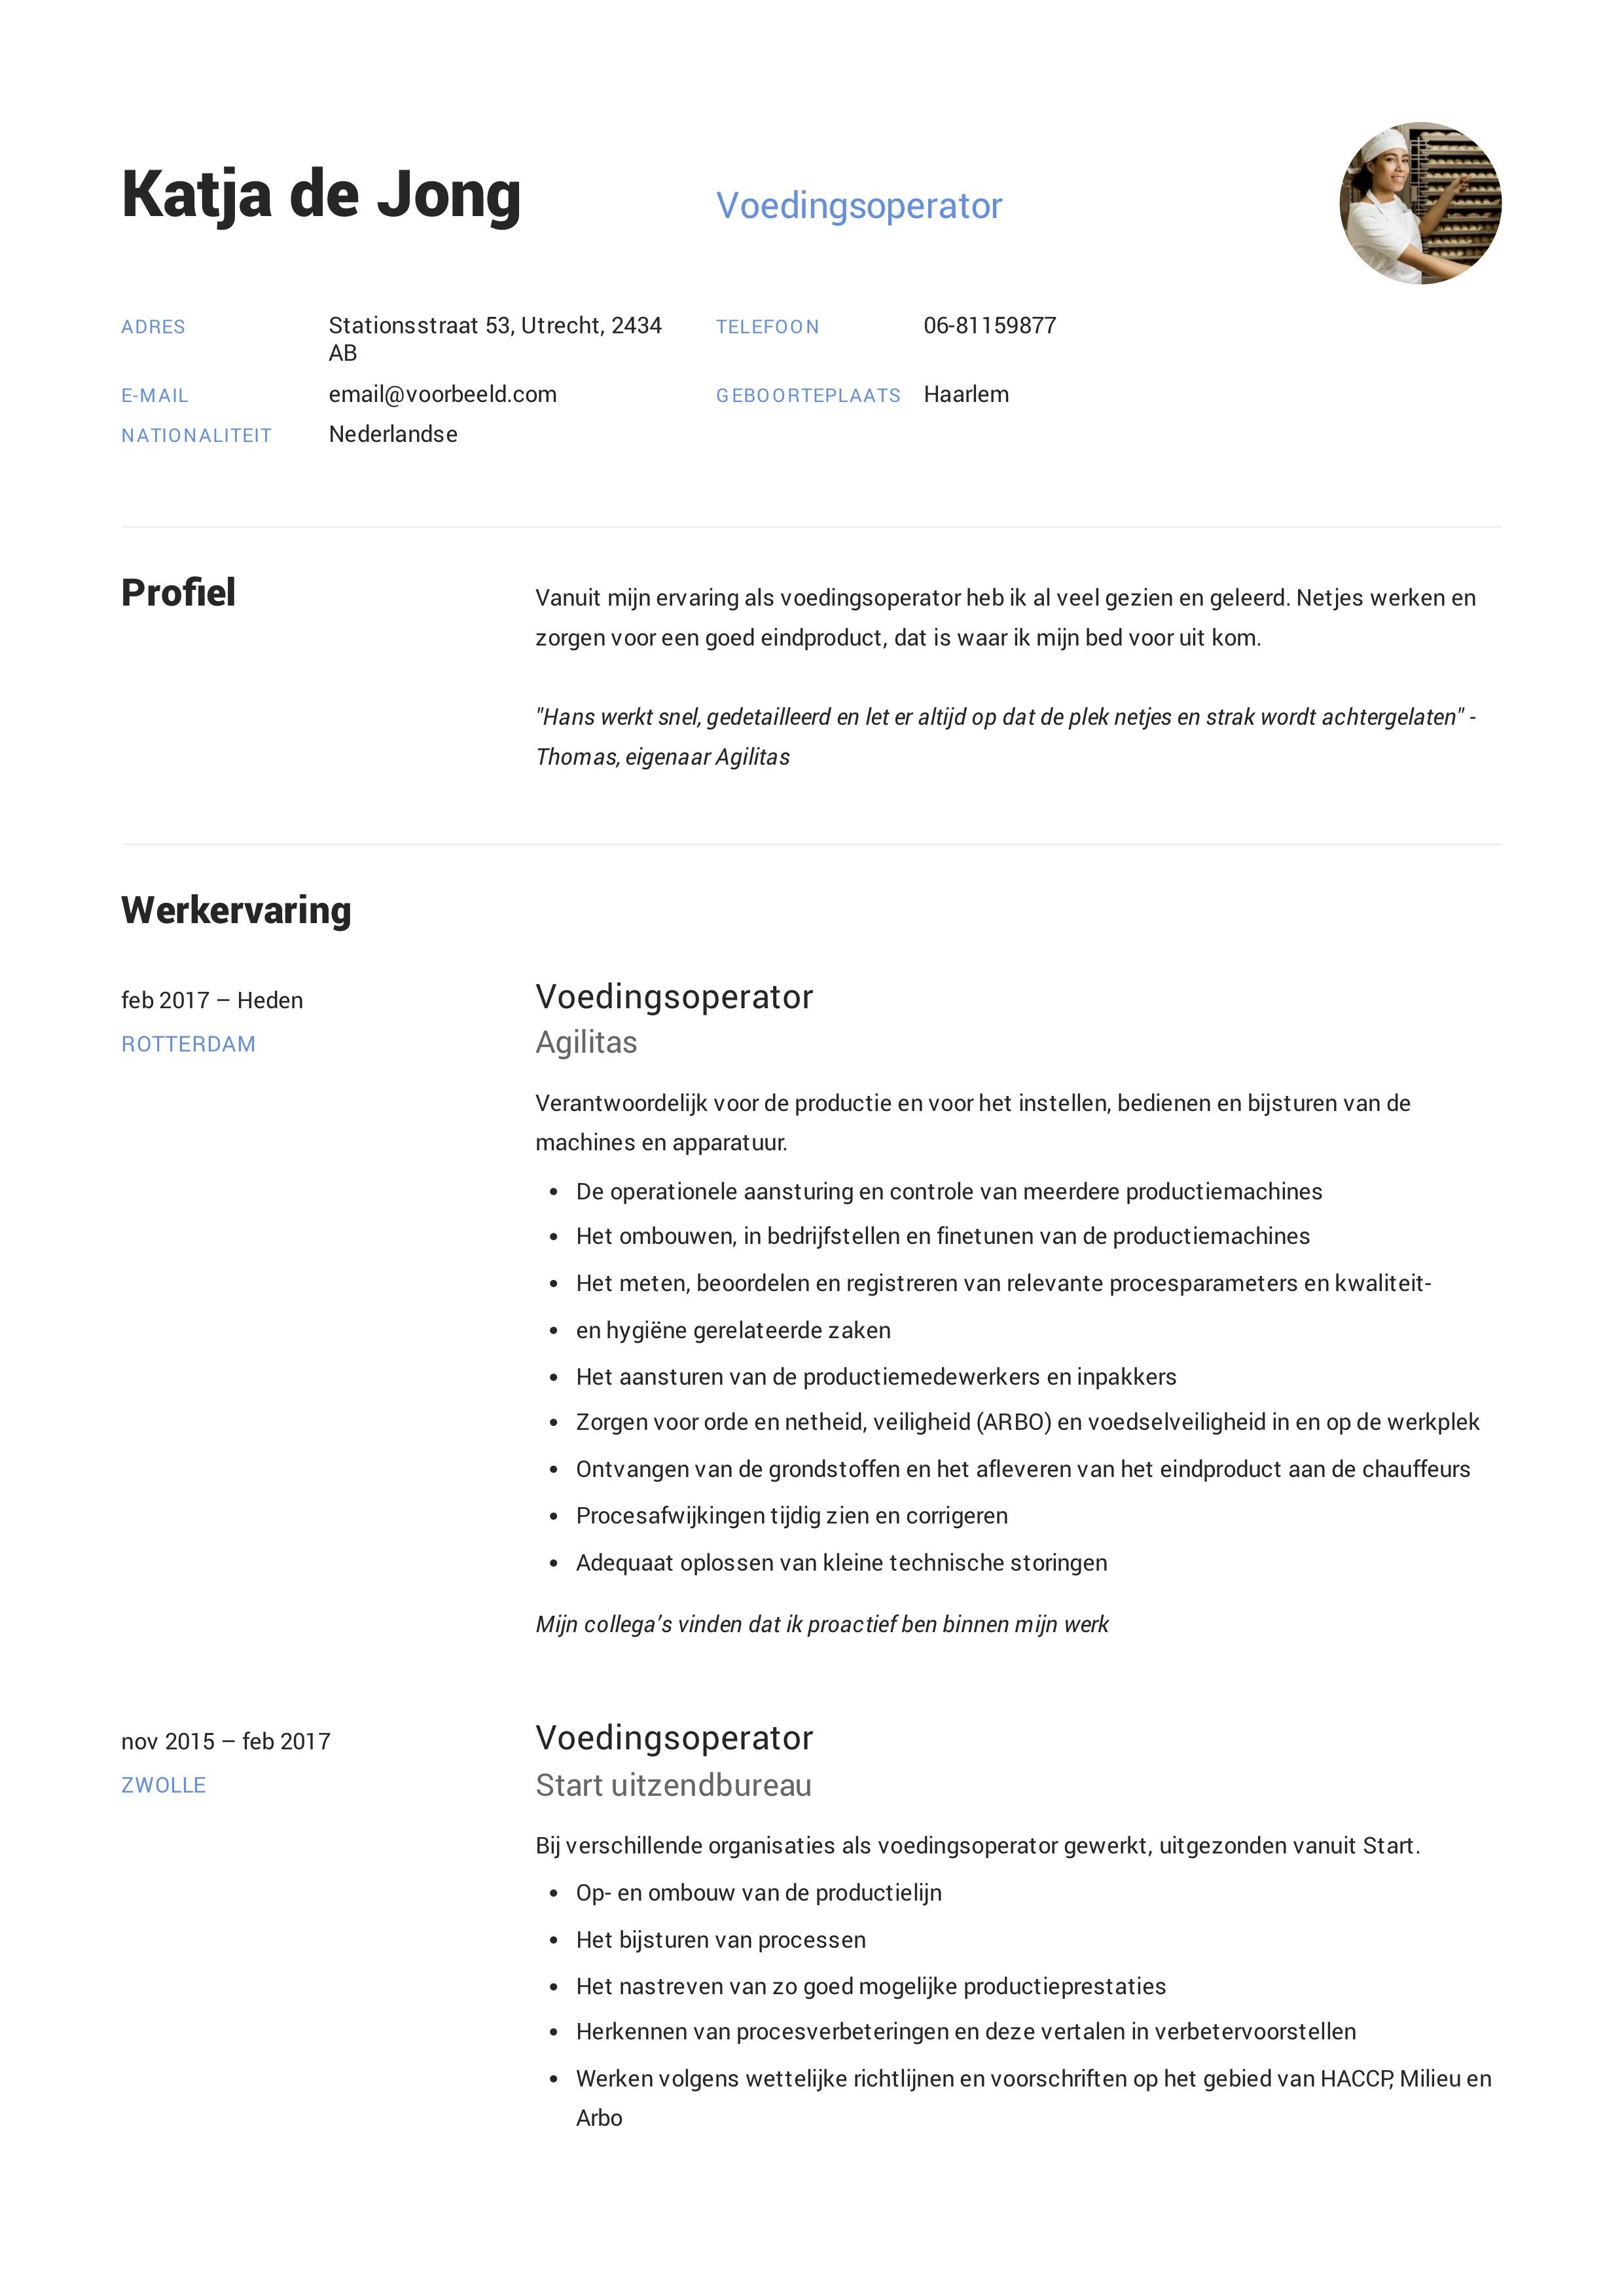 Voedingsoperator CV Voorbeeld